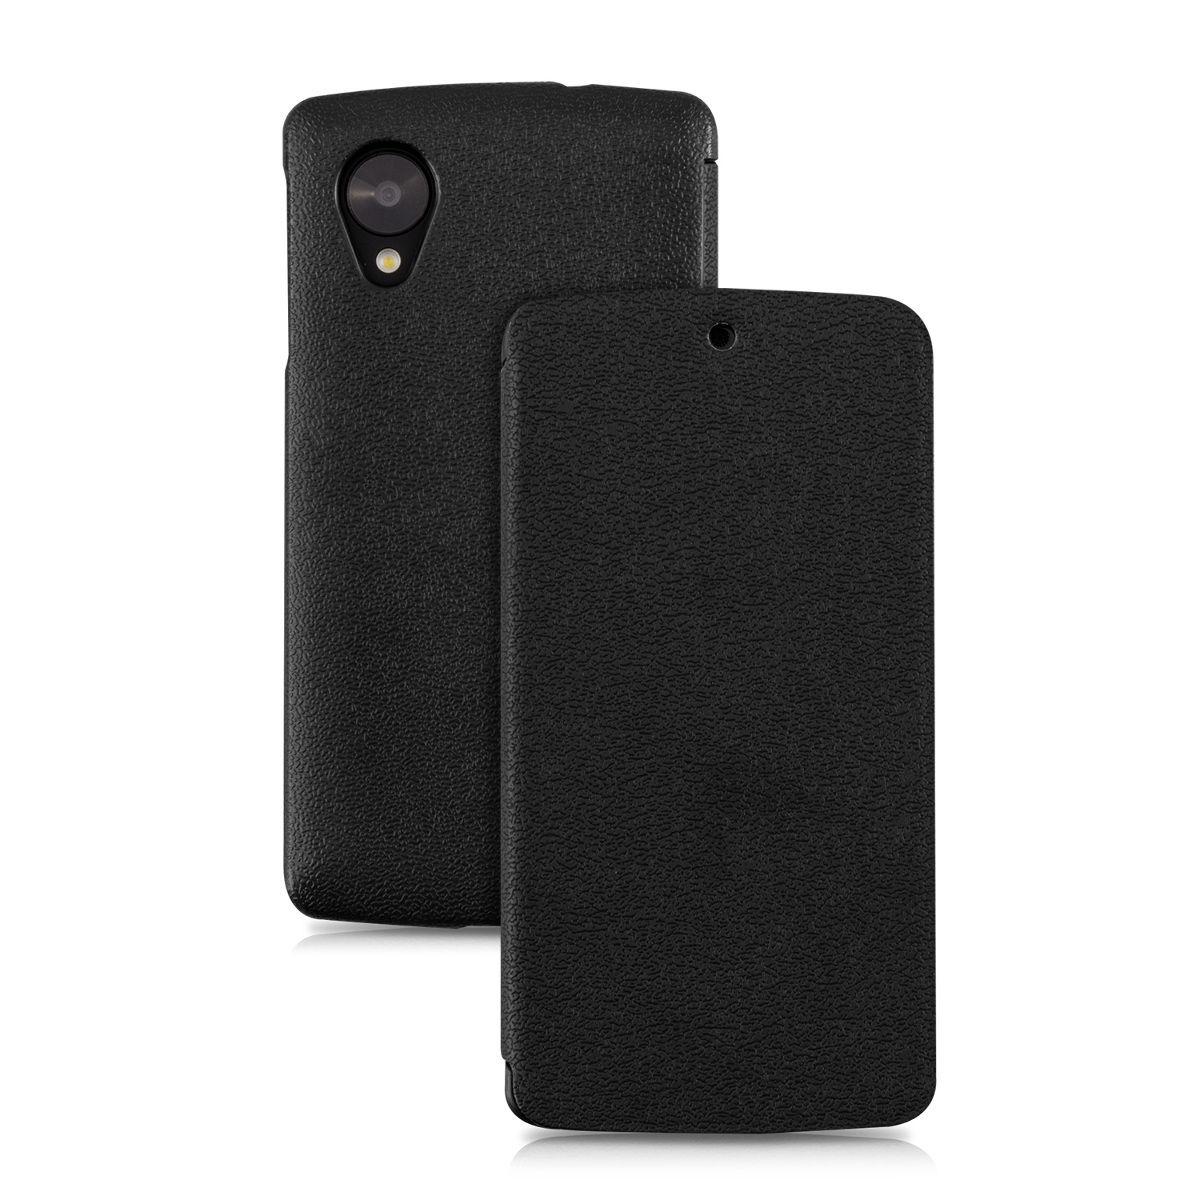 Pouzdro pro LG Nexus 5 černé